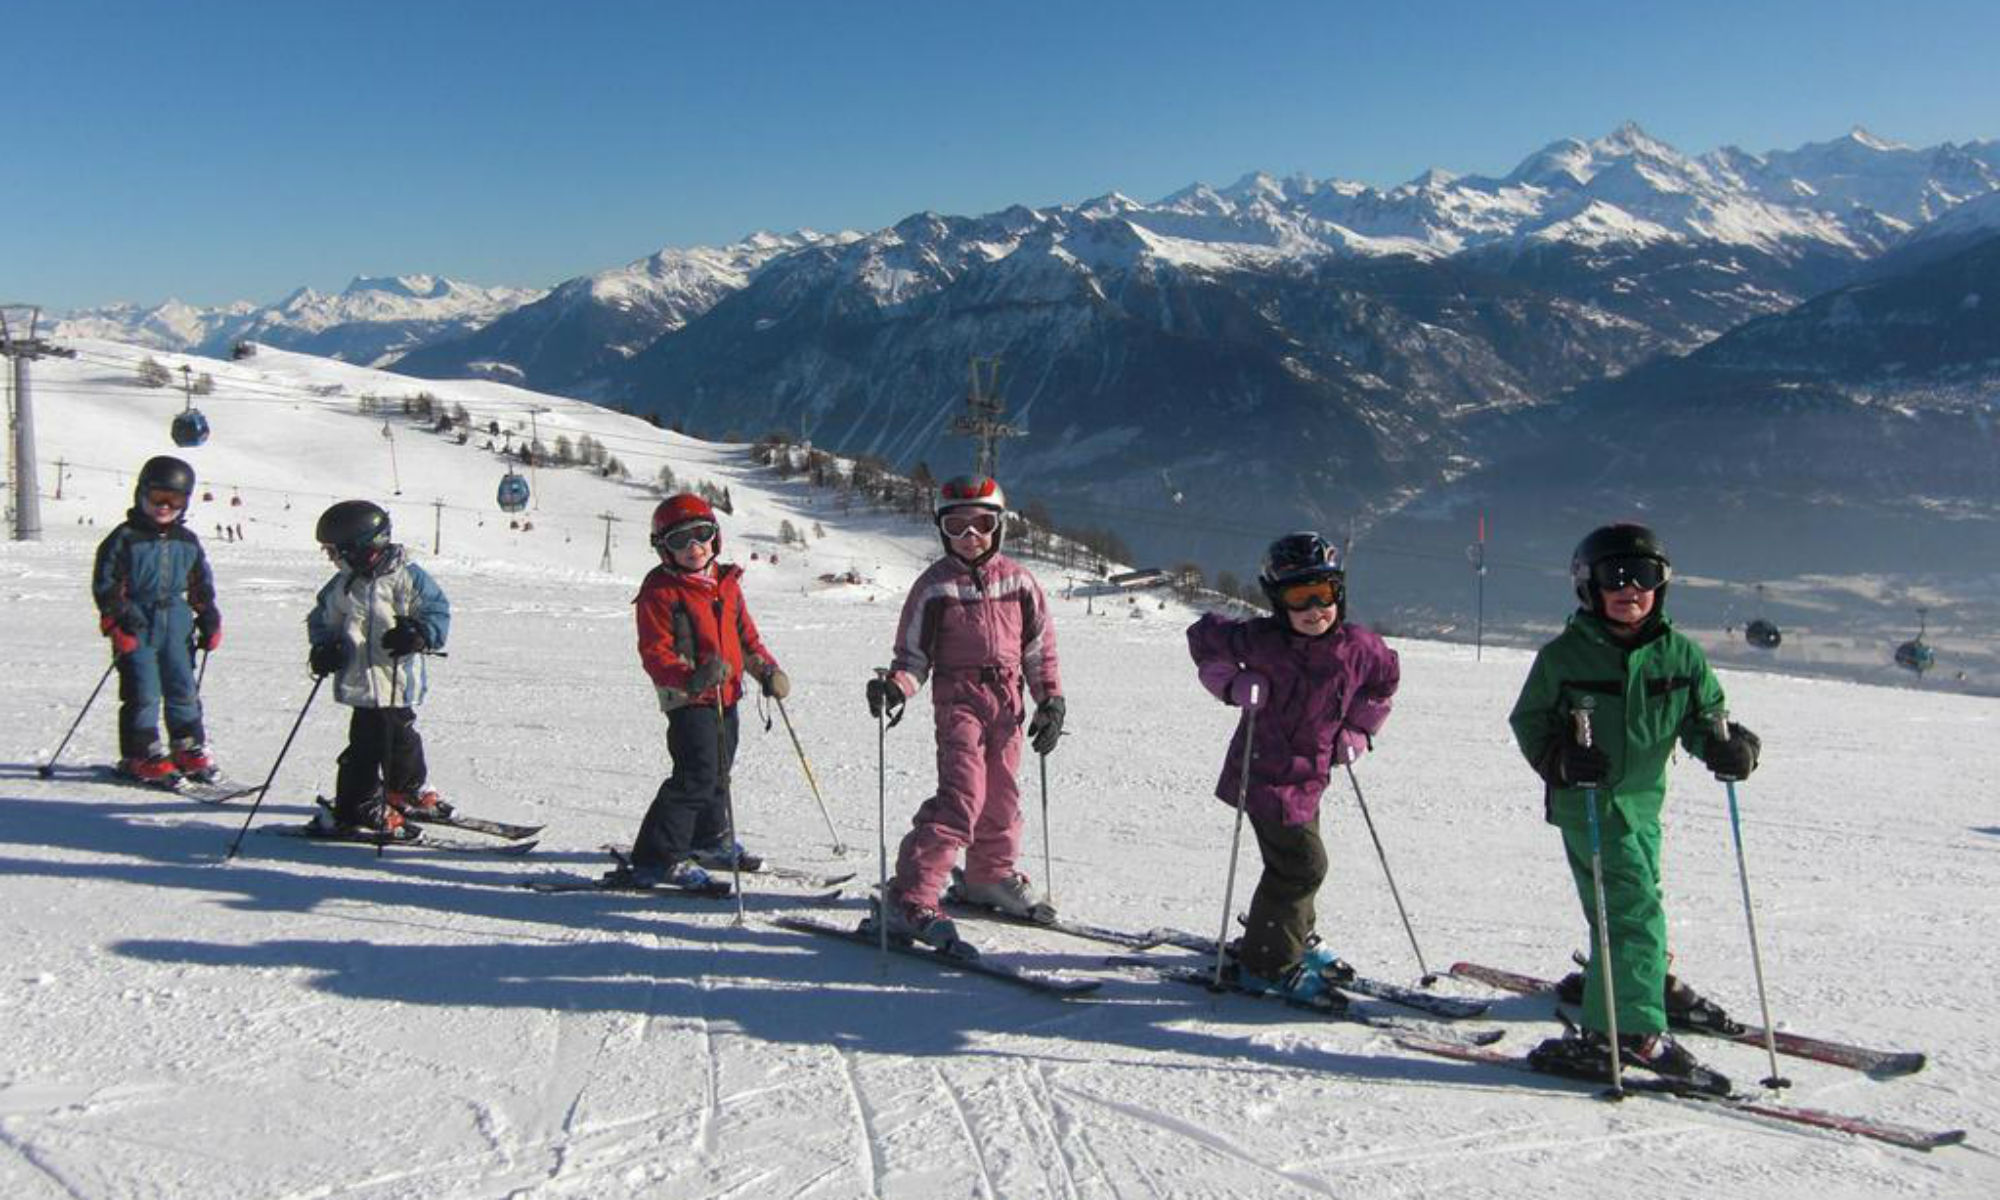 Eine Gruppe von Kinder beim beim Skifahren lernen im Wallis auf einer sonnigen Piste in Crans-Montana.